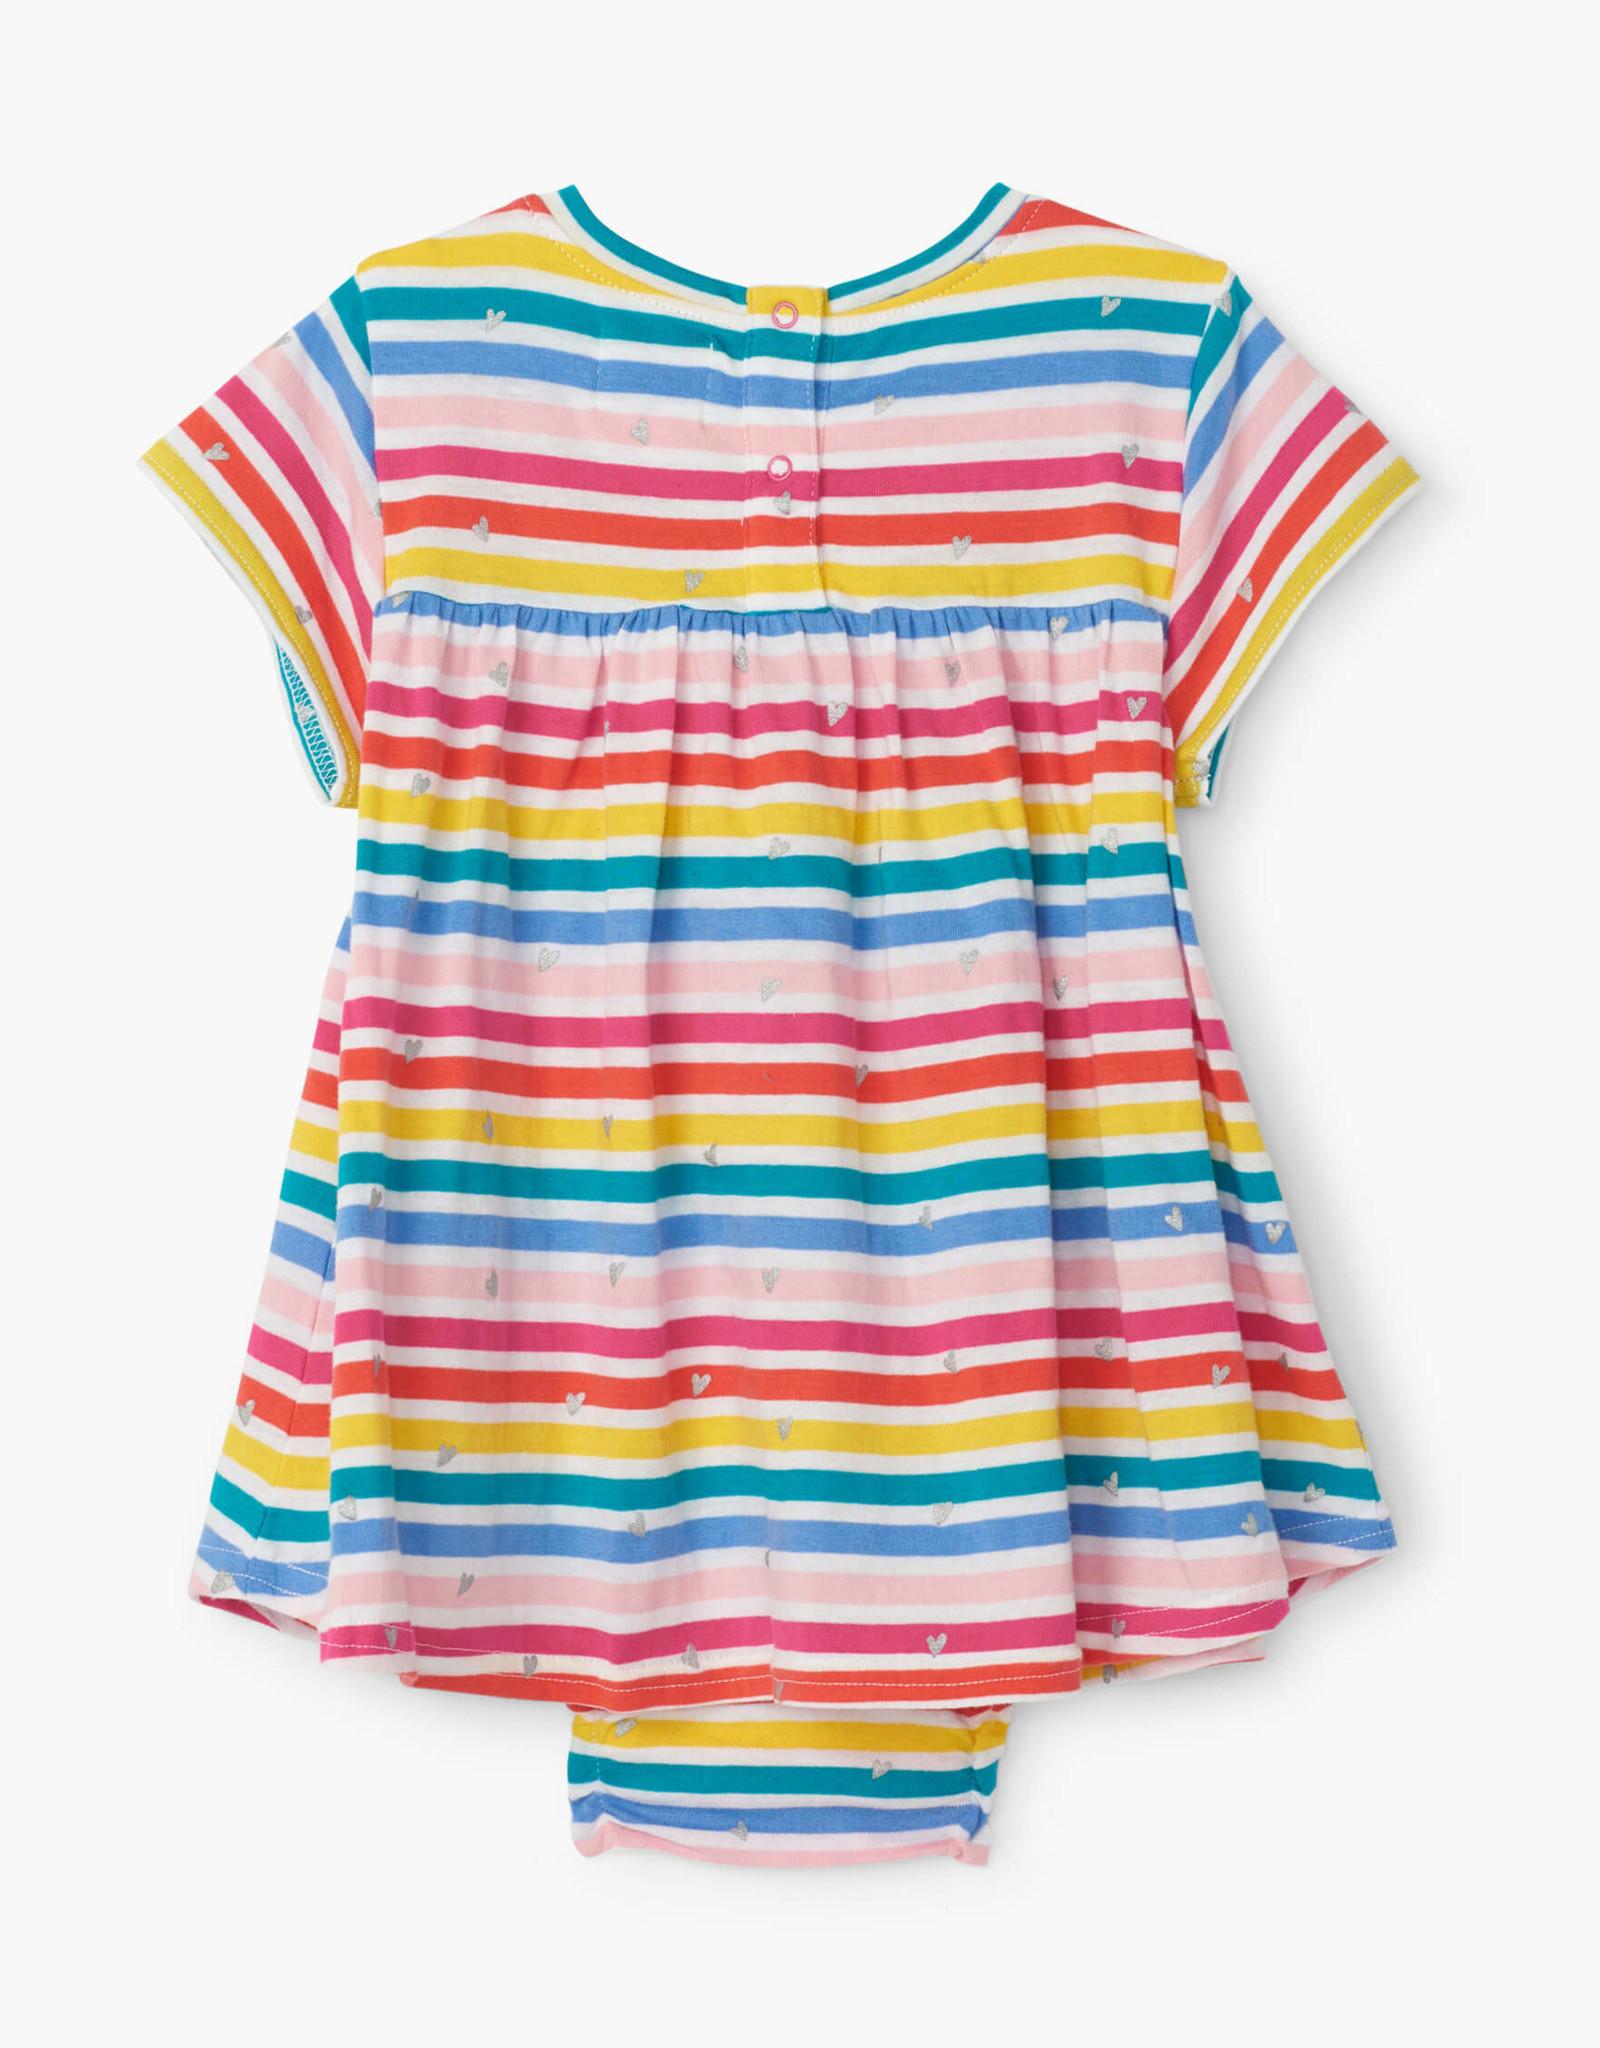 hatley Rainbow Stripe Baby One Piece Dress